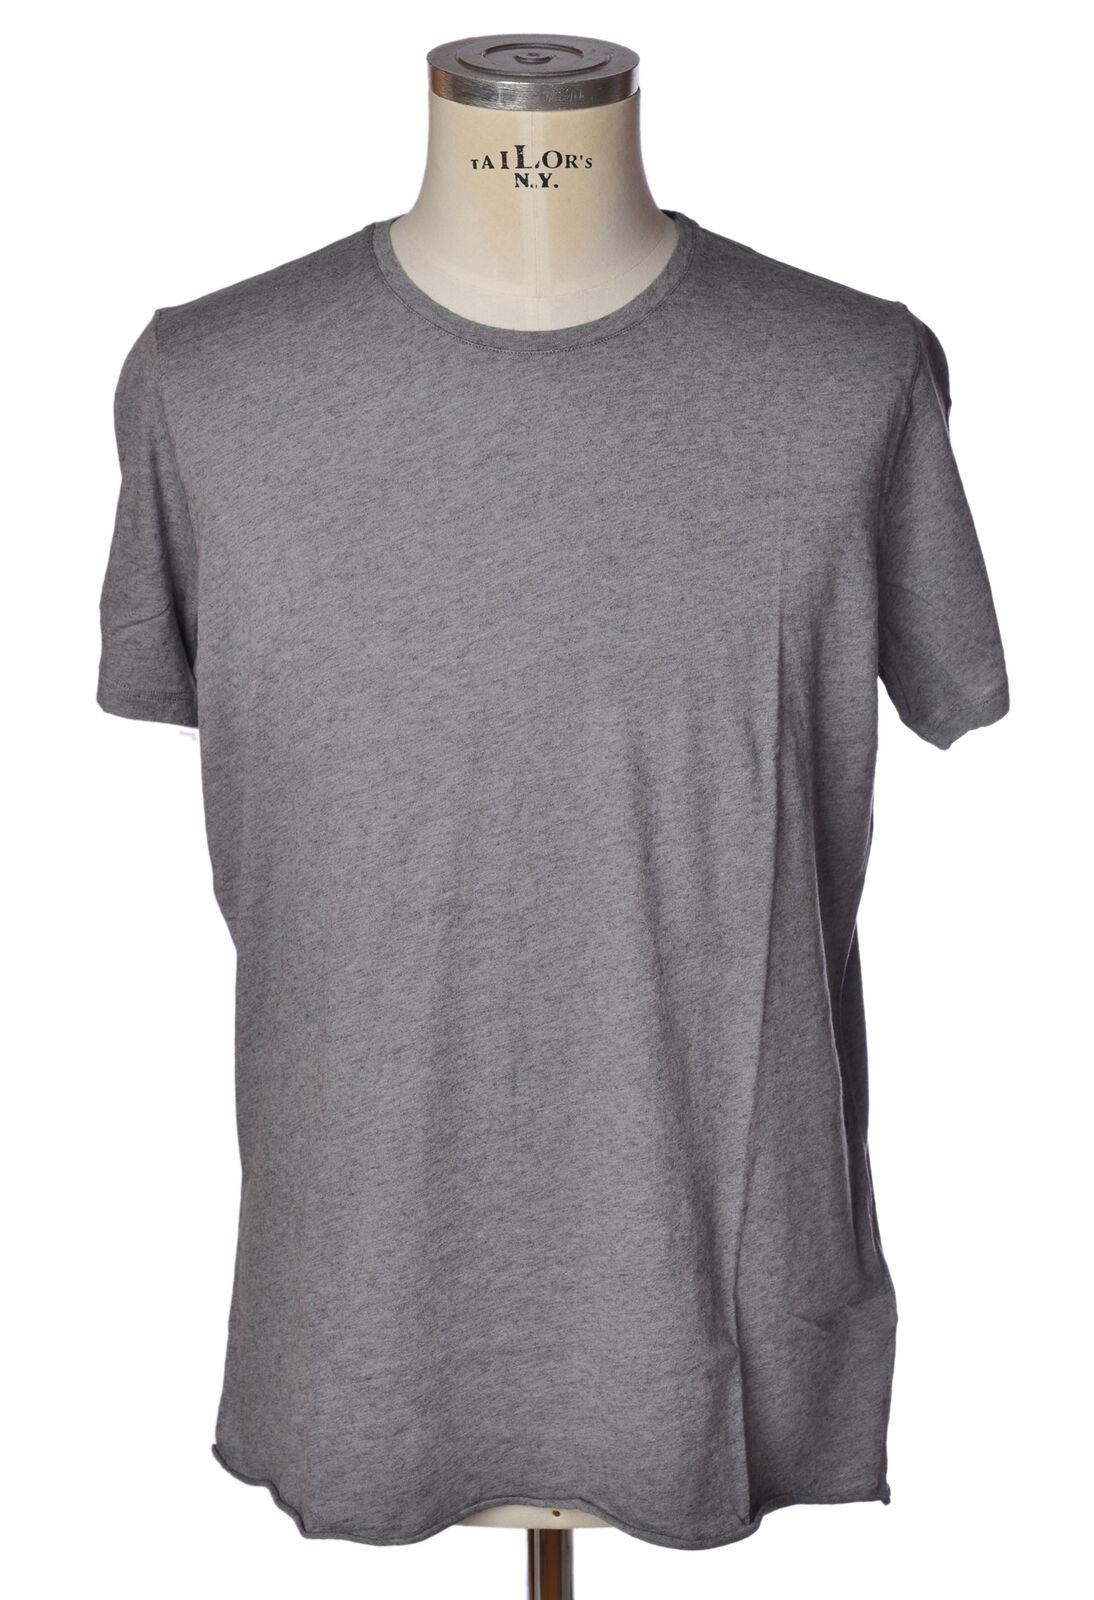 Majestic - Knitwear-Sweaters - man - Grau - 720917C184332